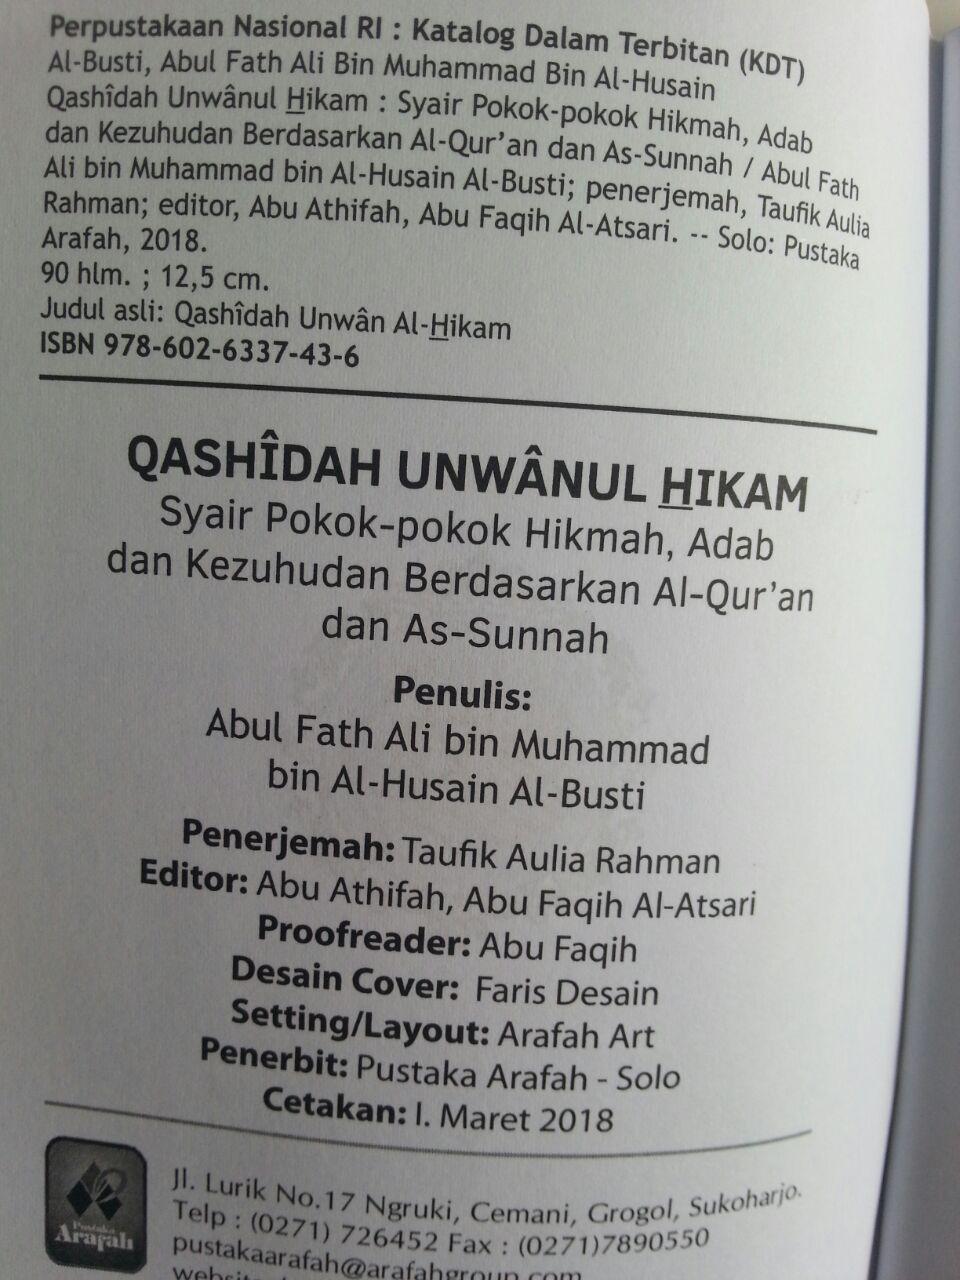 Buku Saku Qashidah Unwanul Hikam Syair Pokok Hikmah Adab isi 2